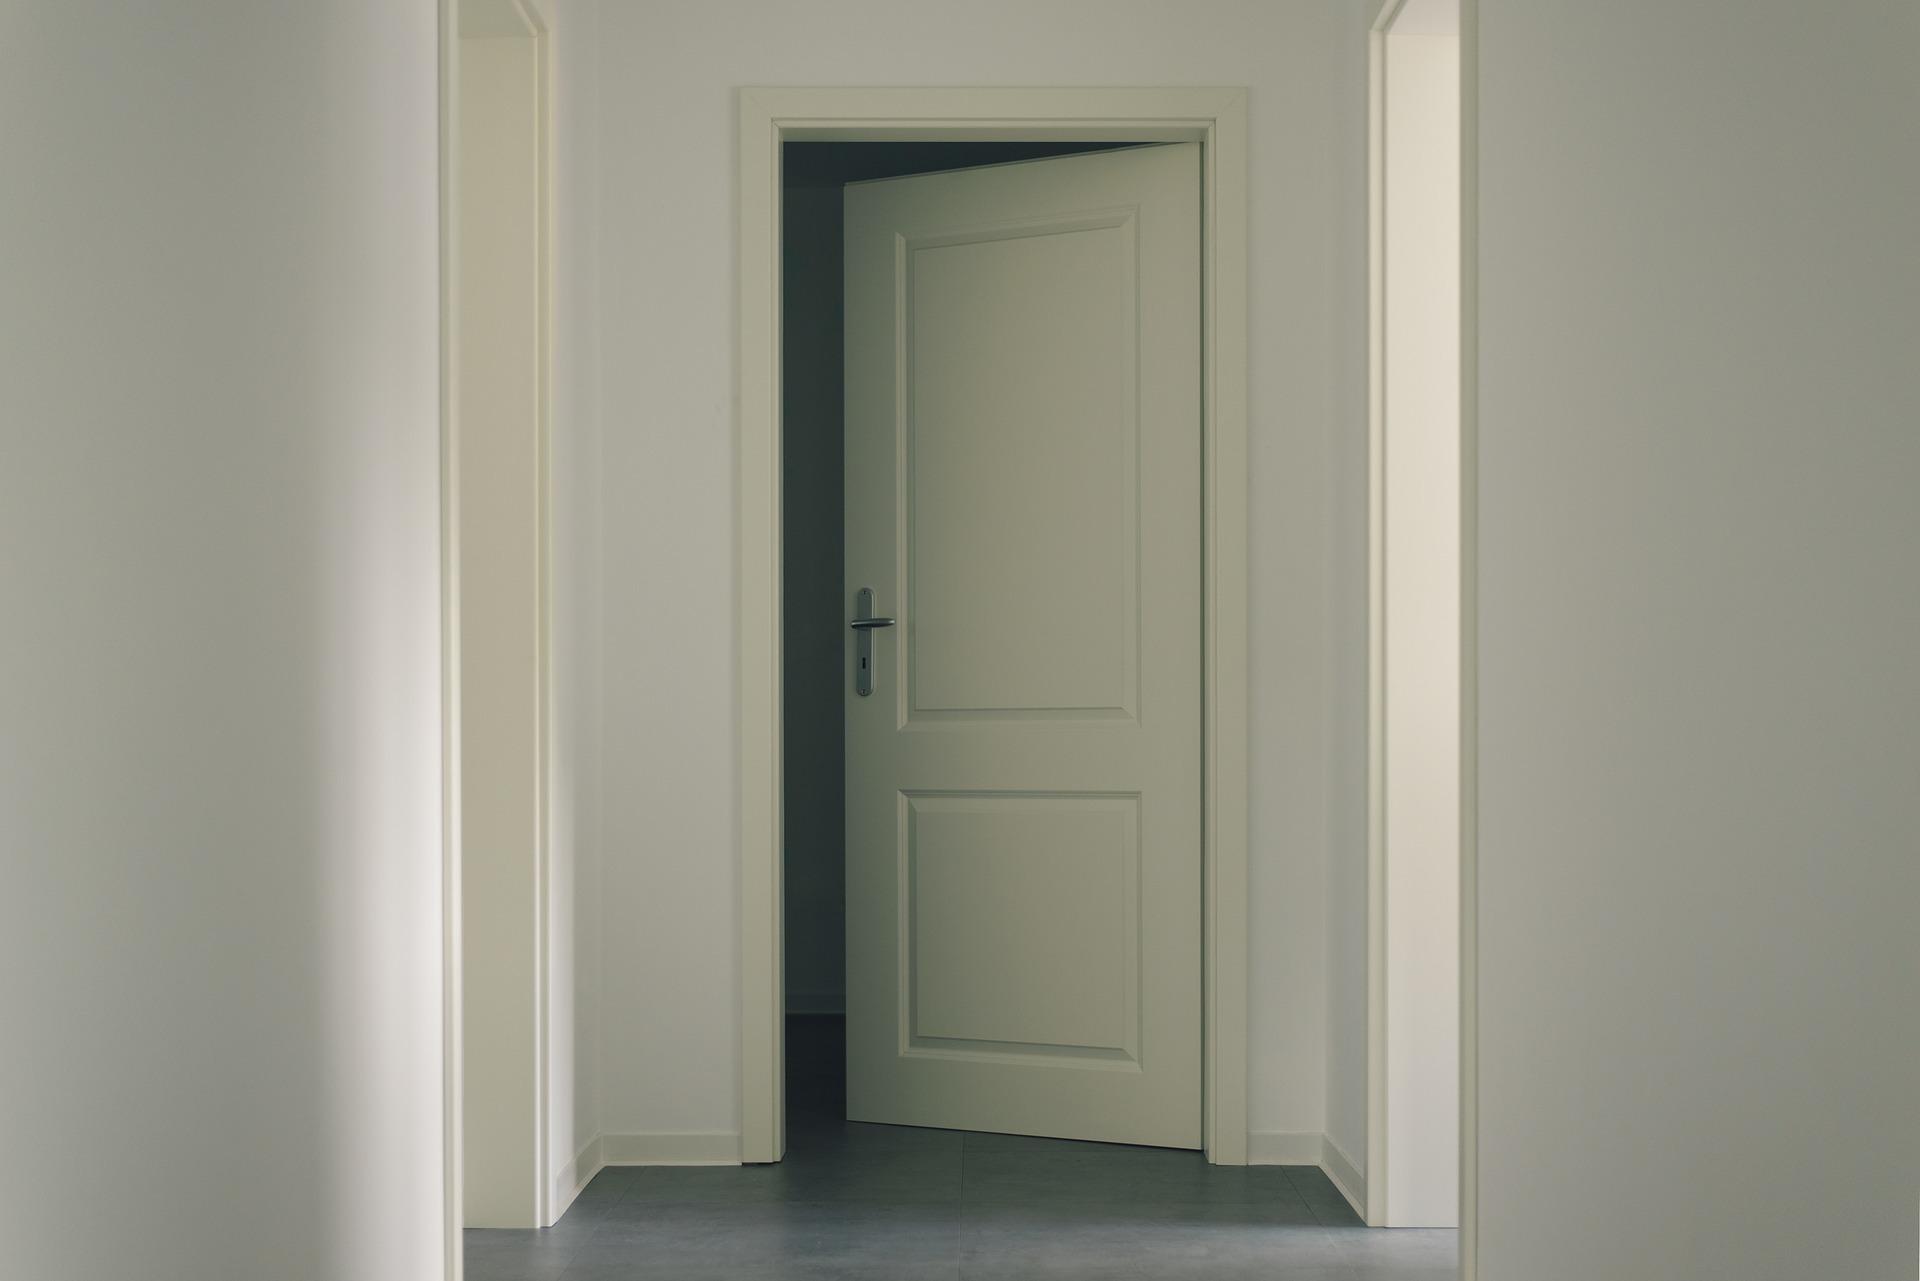 door-3036579_1920.jpg